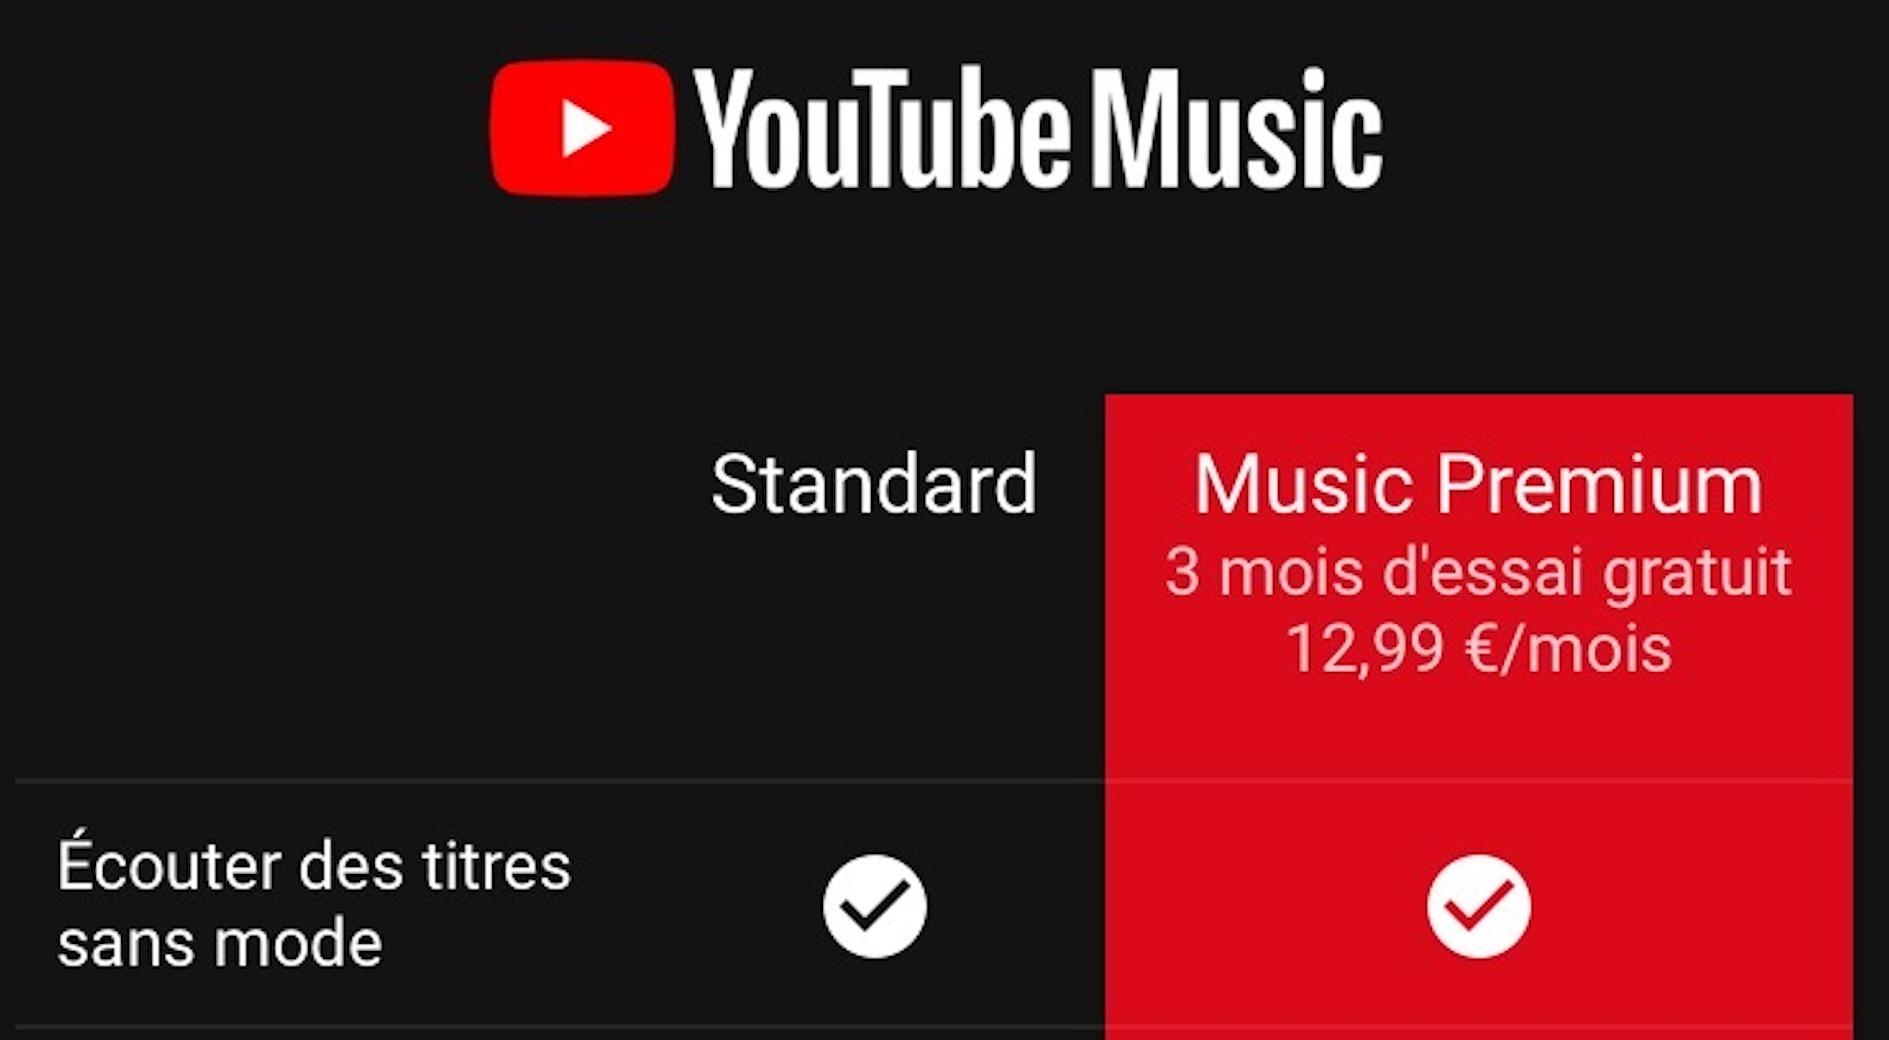 youtube music premium crack apk